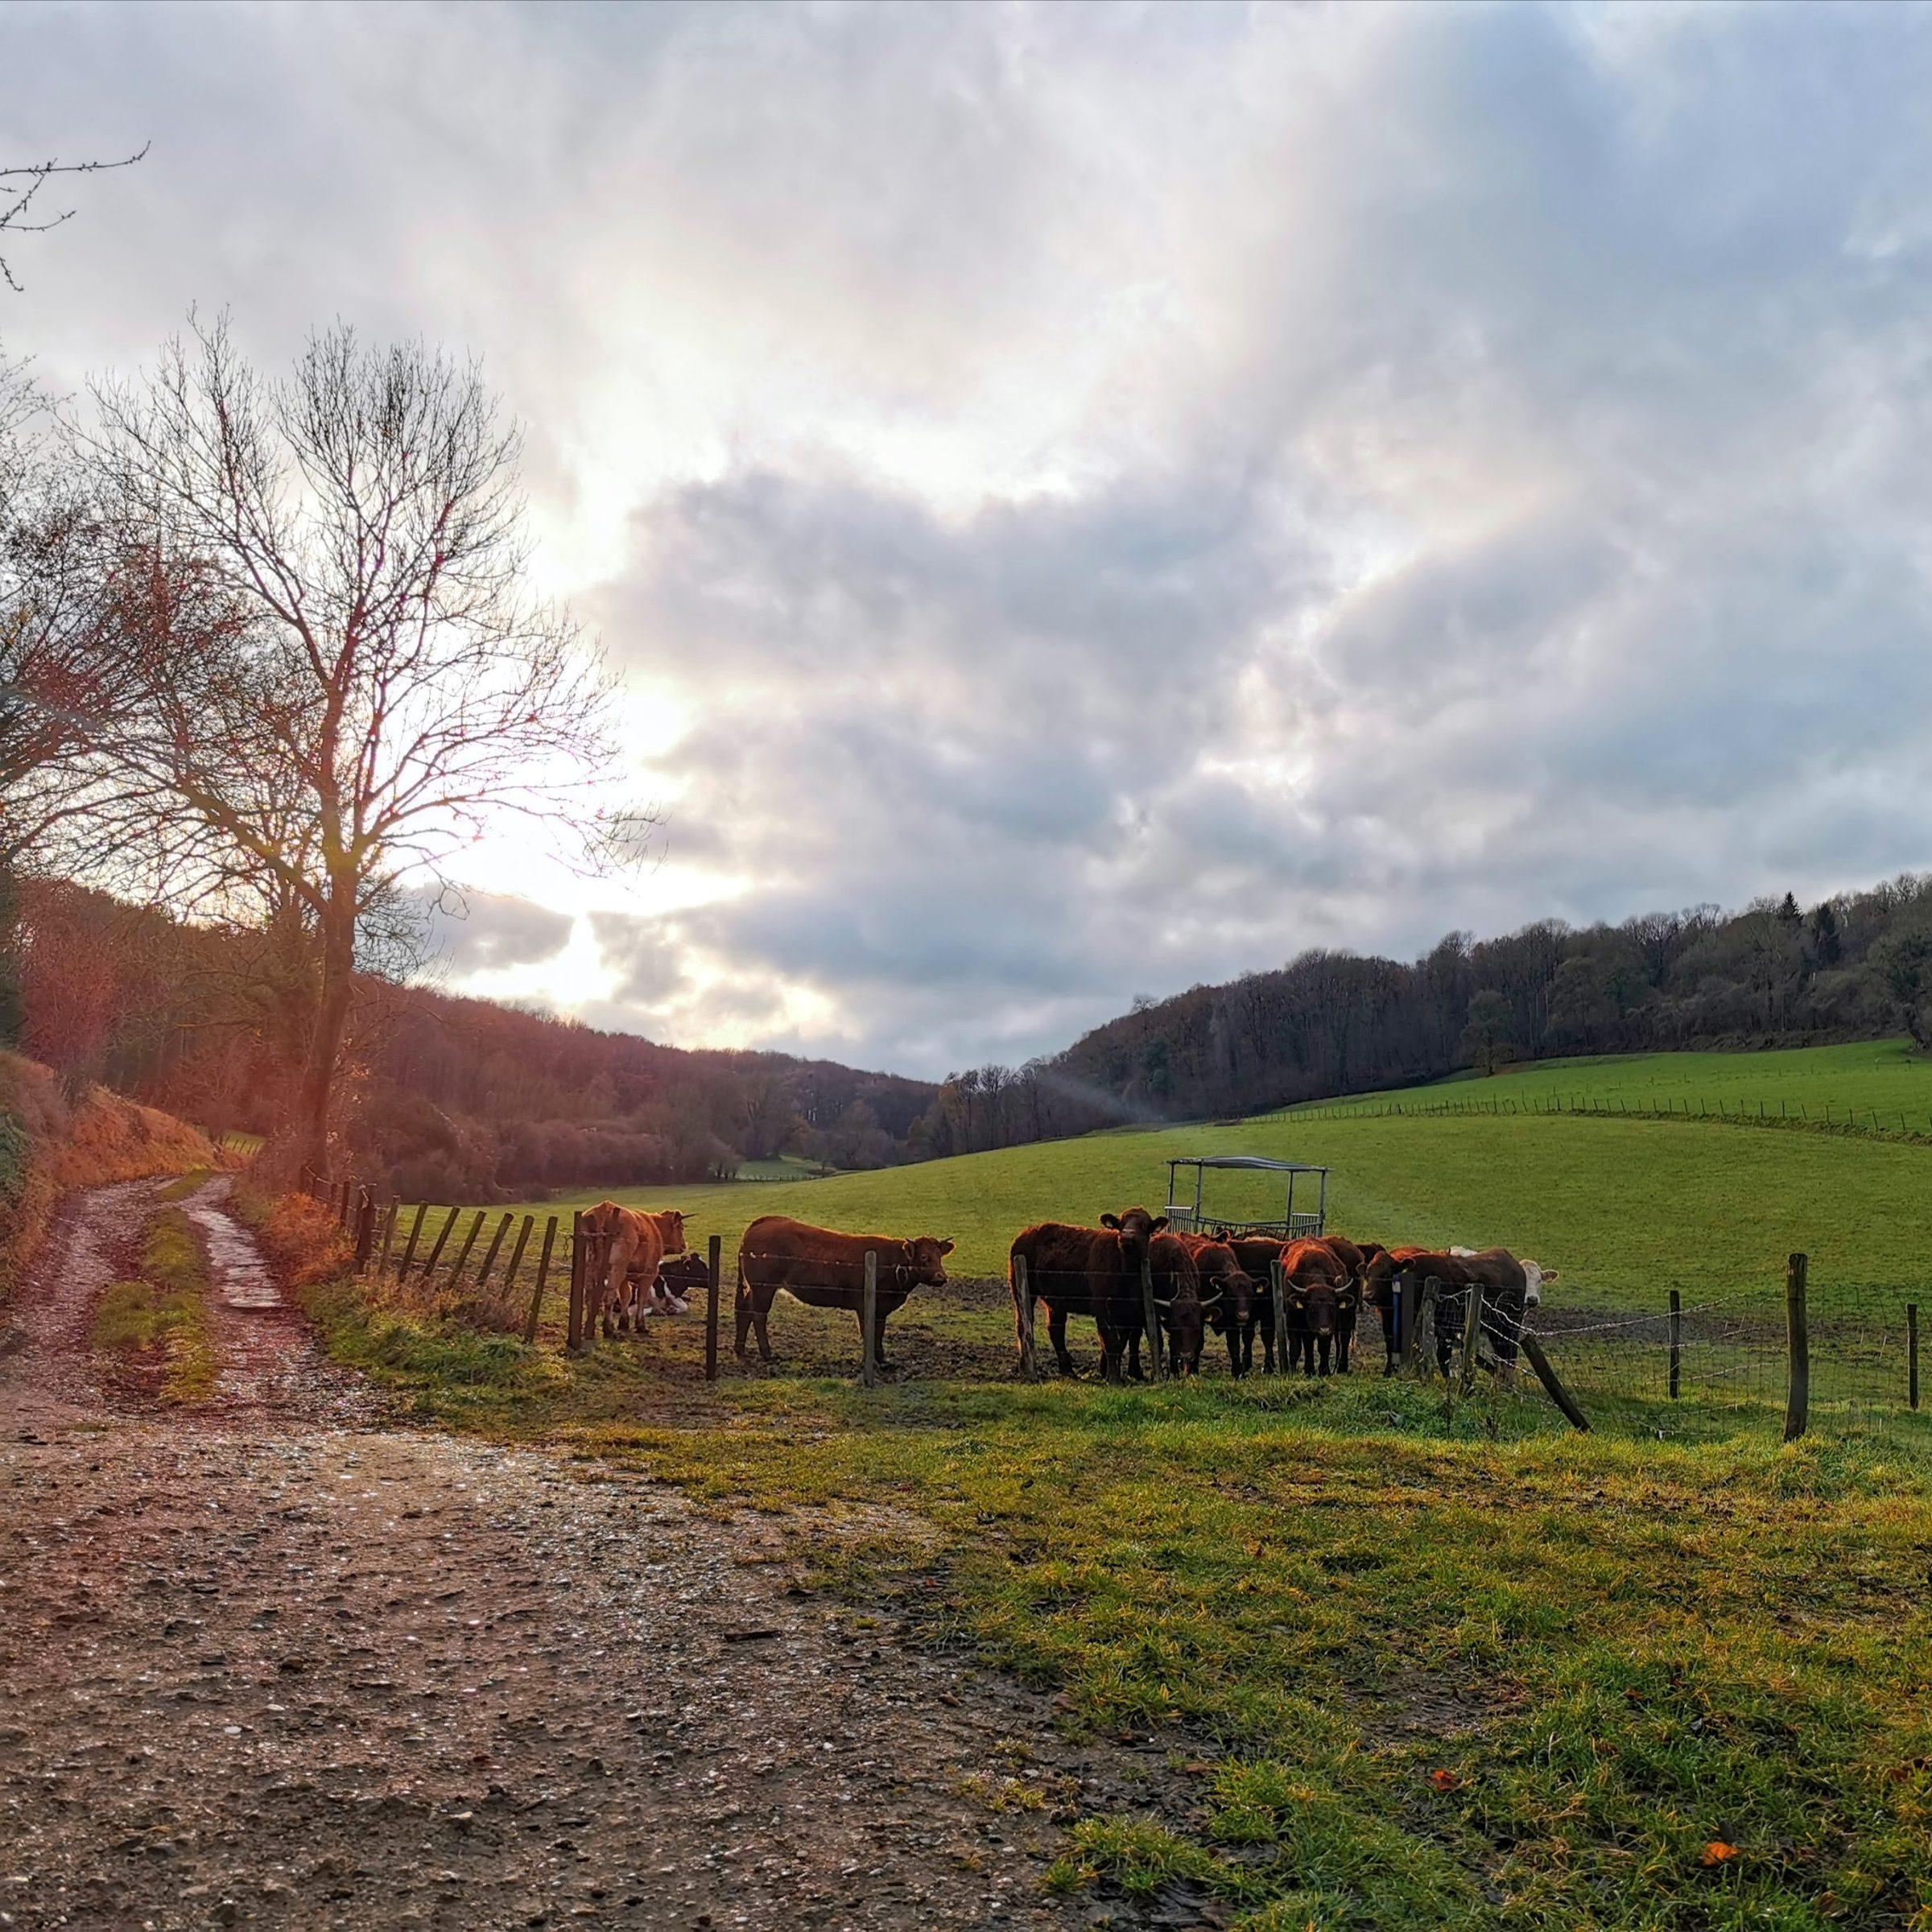 Wandelroute Schin op Geul: weilanden en koeien